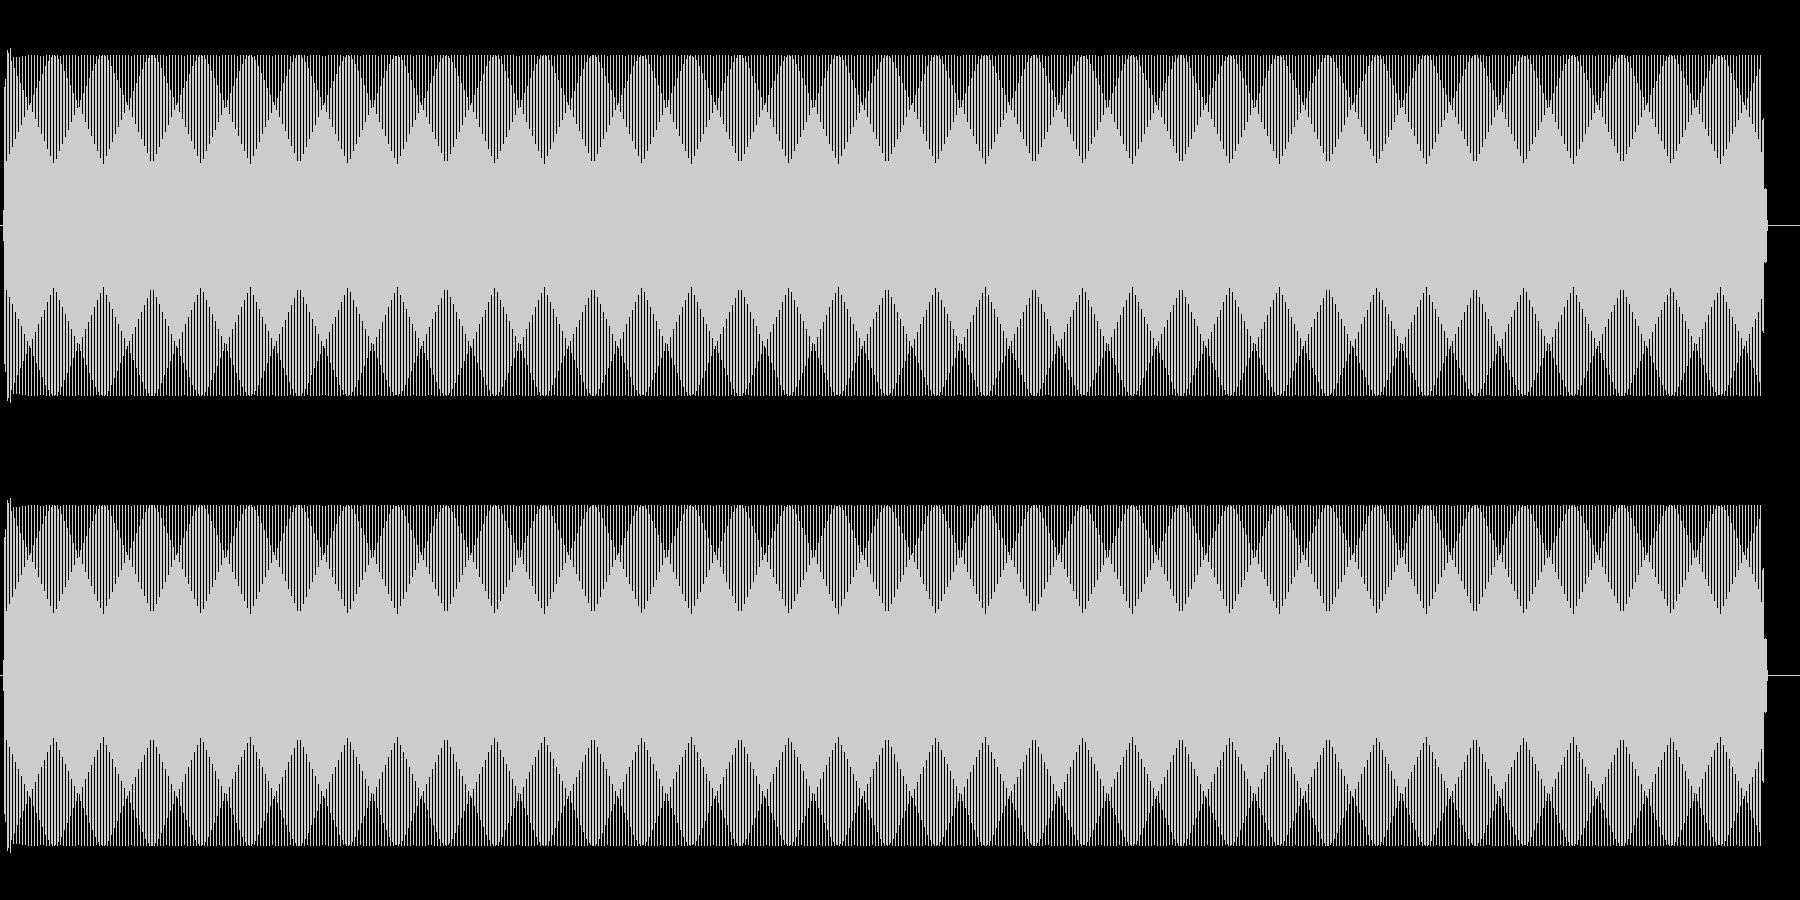 ジー(アンプから出るノイズ音)の未再生の波形